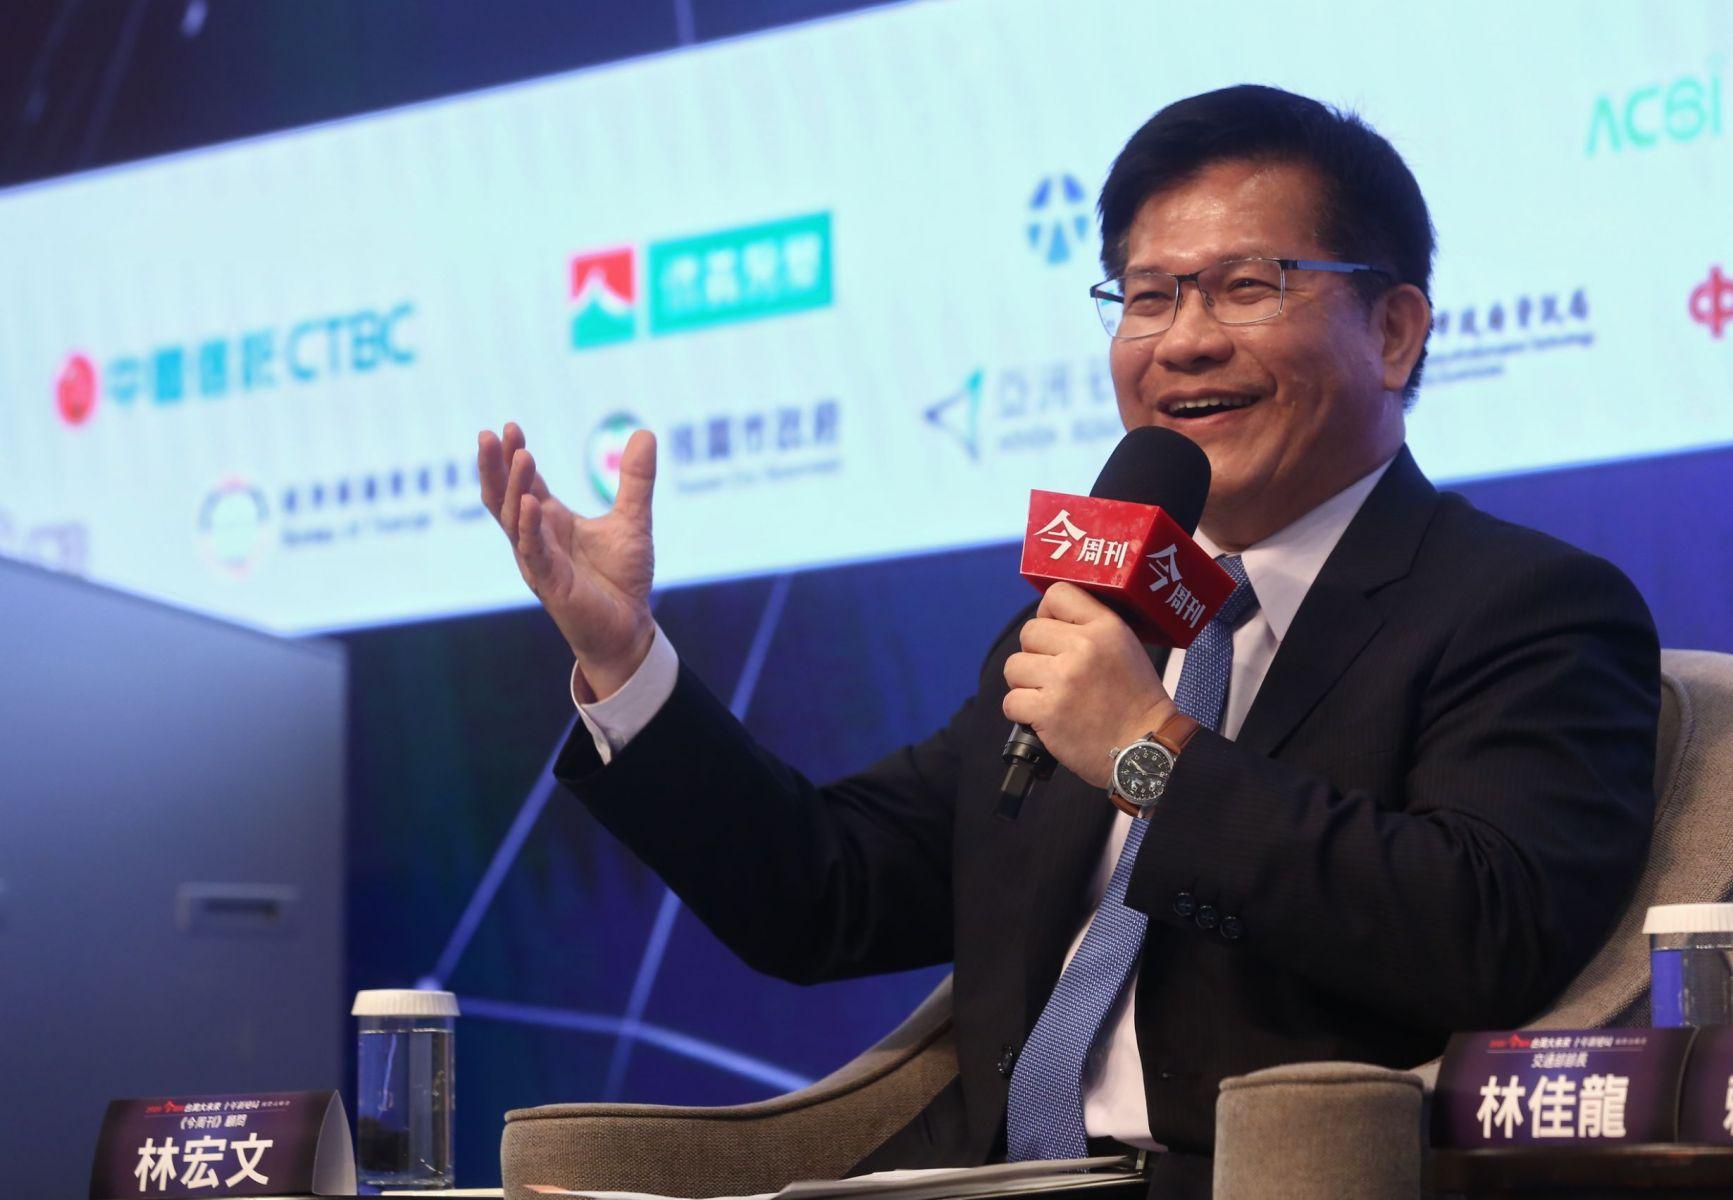 「智慧運輸計畫」將為台灣交通帶來新革命?林佳龍:已「超前部署」盼改變運輸生態